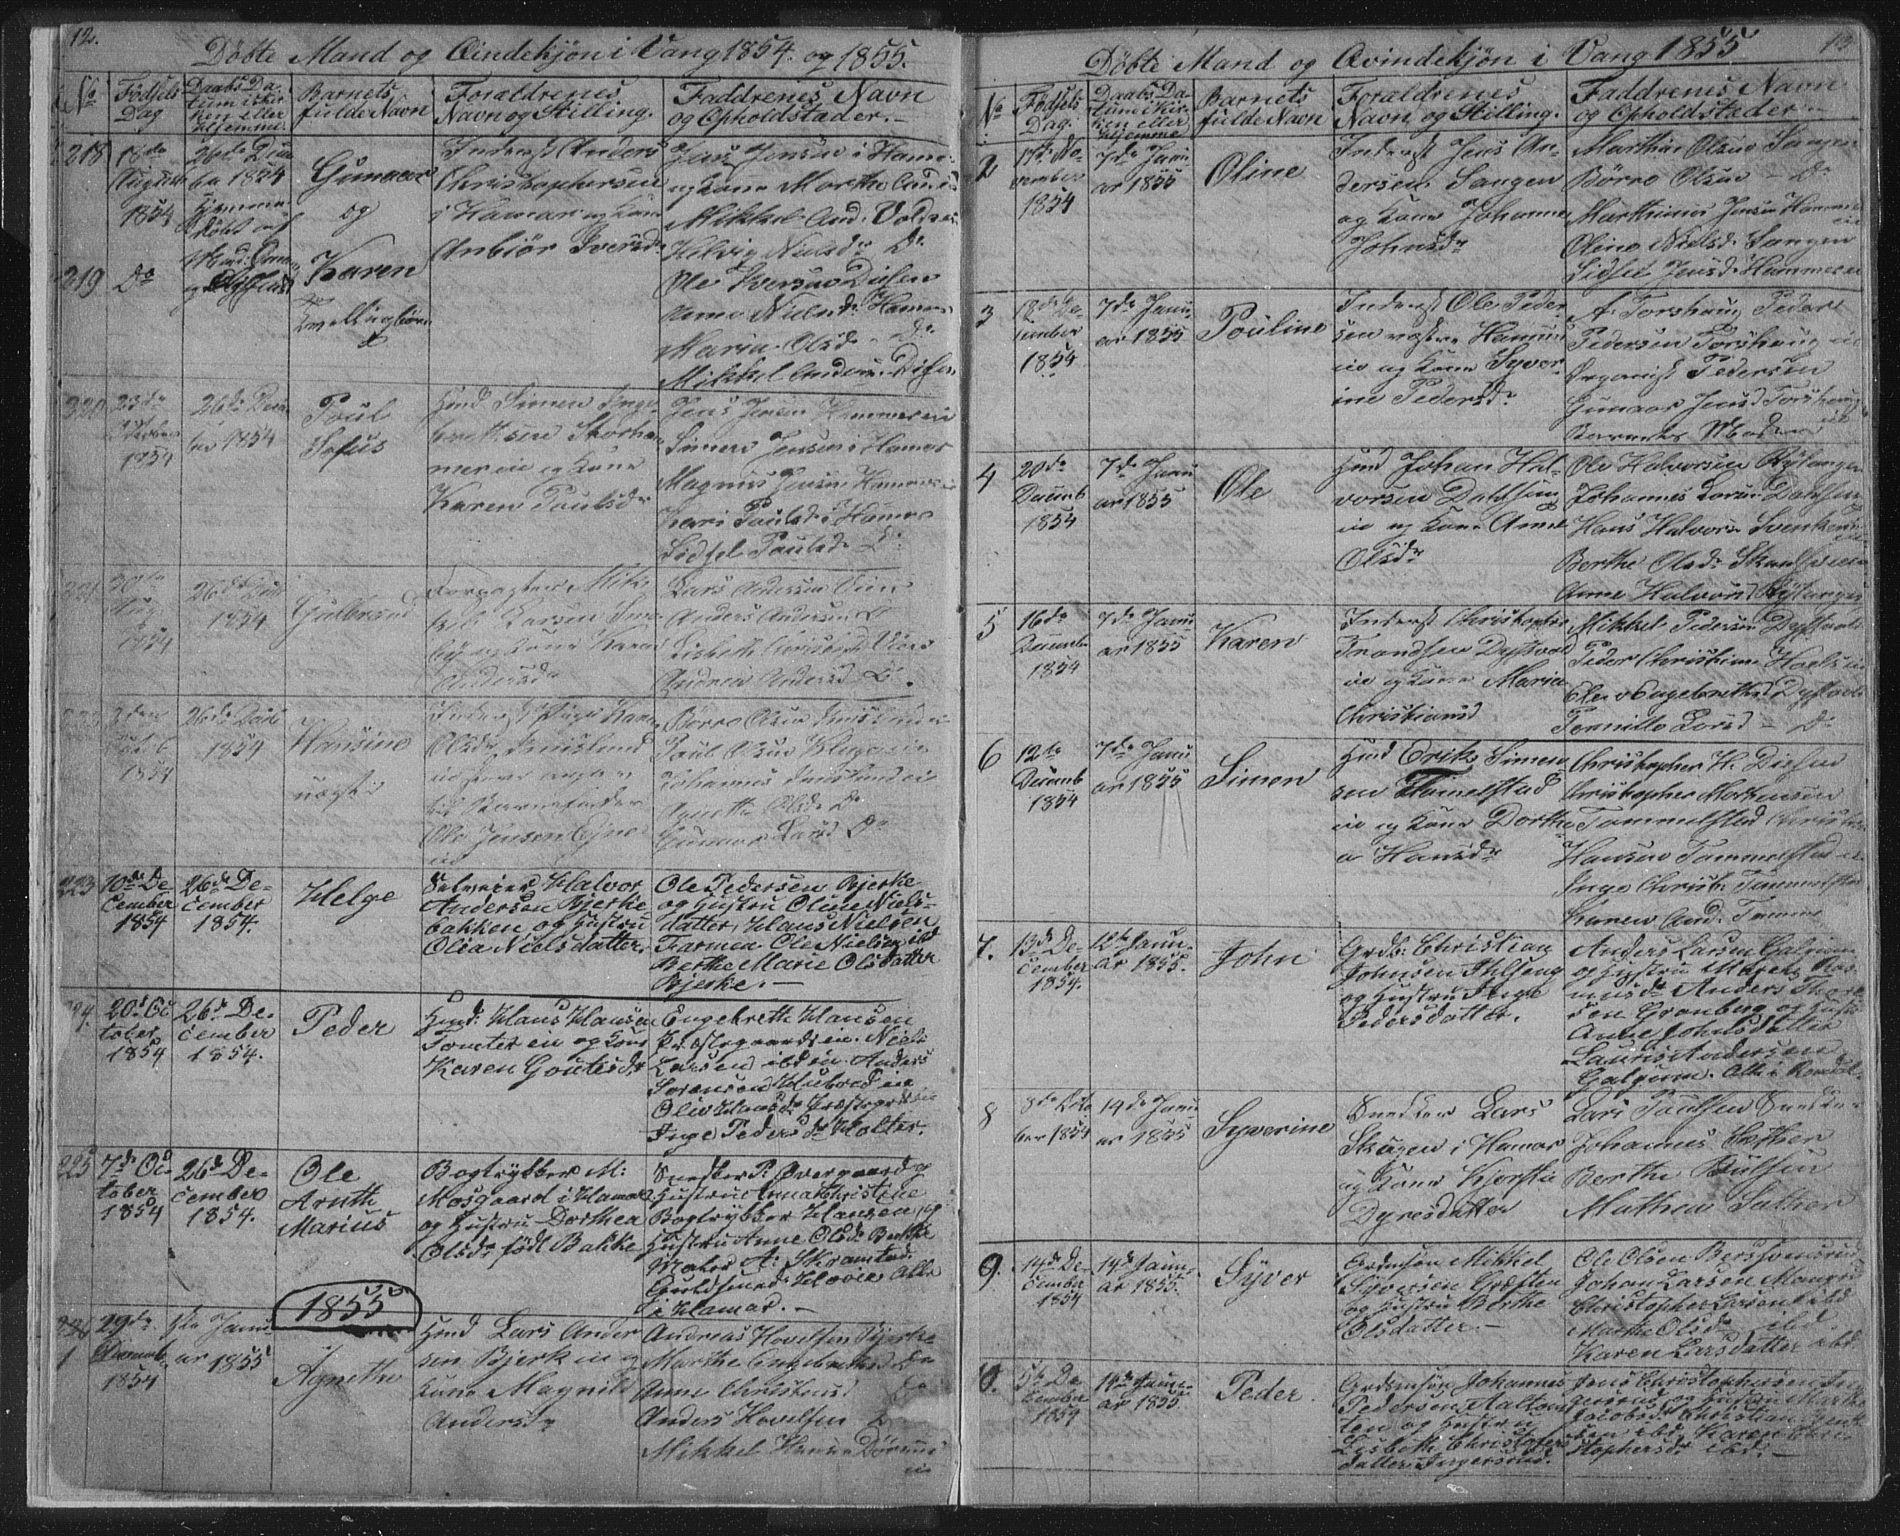 SAH, Vang prestekontor, Hedmark, H/Ha/Hab/L0010A: Klokkerbok nr. 10a, 1854-1896, s. 12-13